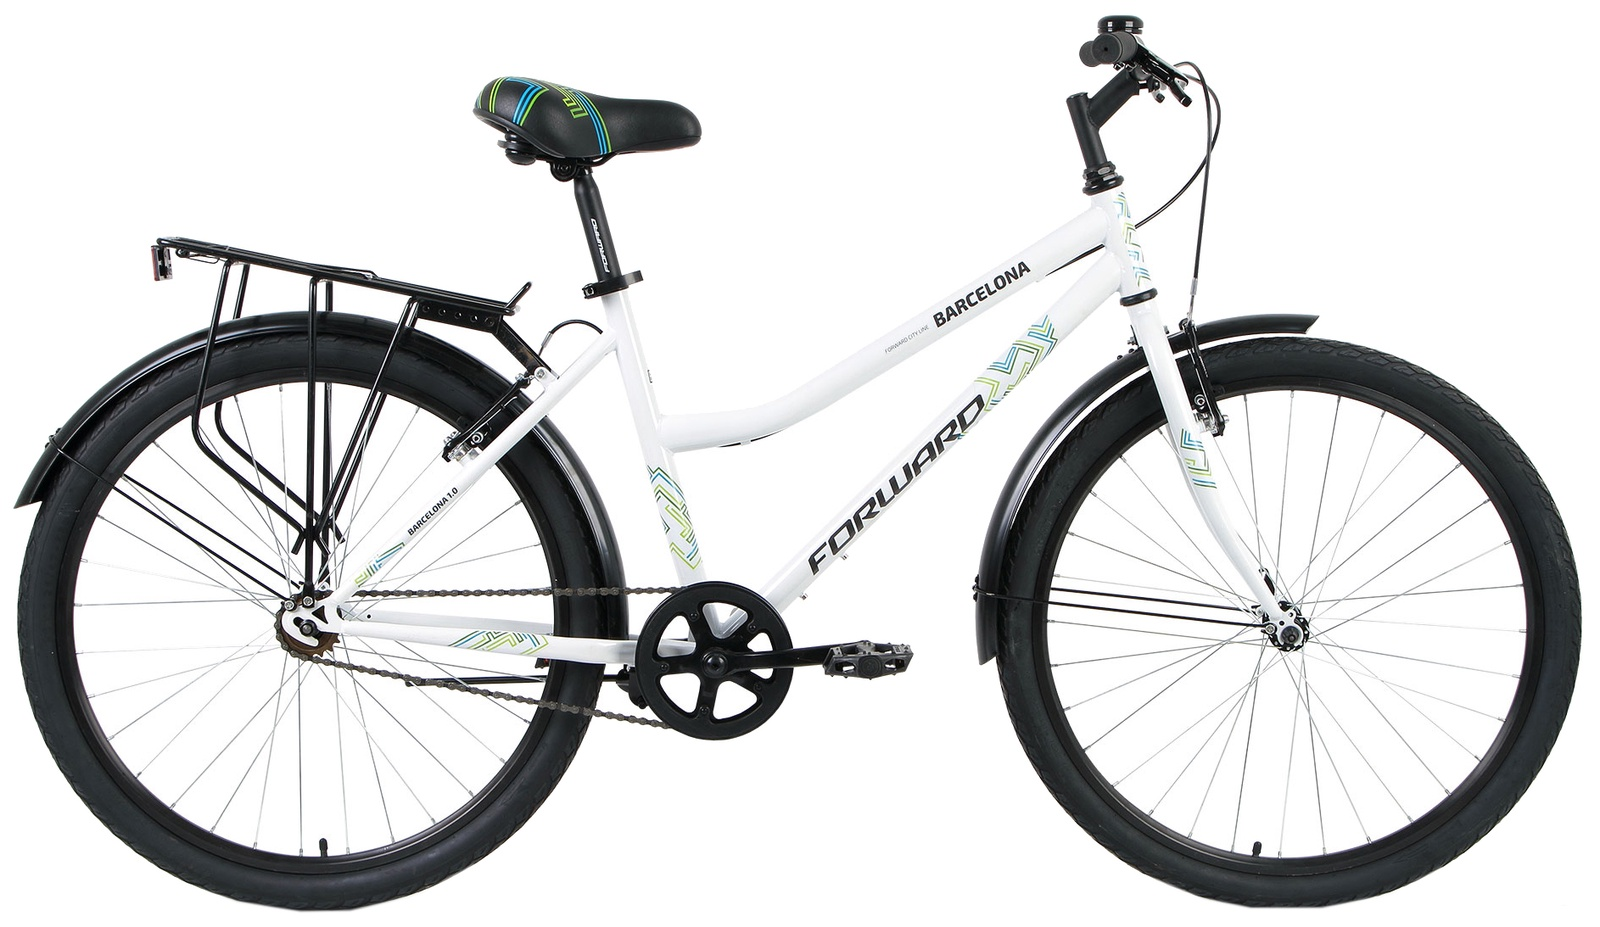 Женский велосипед Forward BARCELONA 1.0 2018, RBKW8UN61003, белый велосипед forward barcelona 1 0 2017 1 скорость рама 17 синий